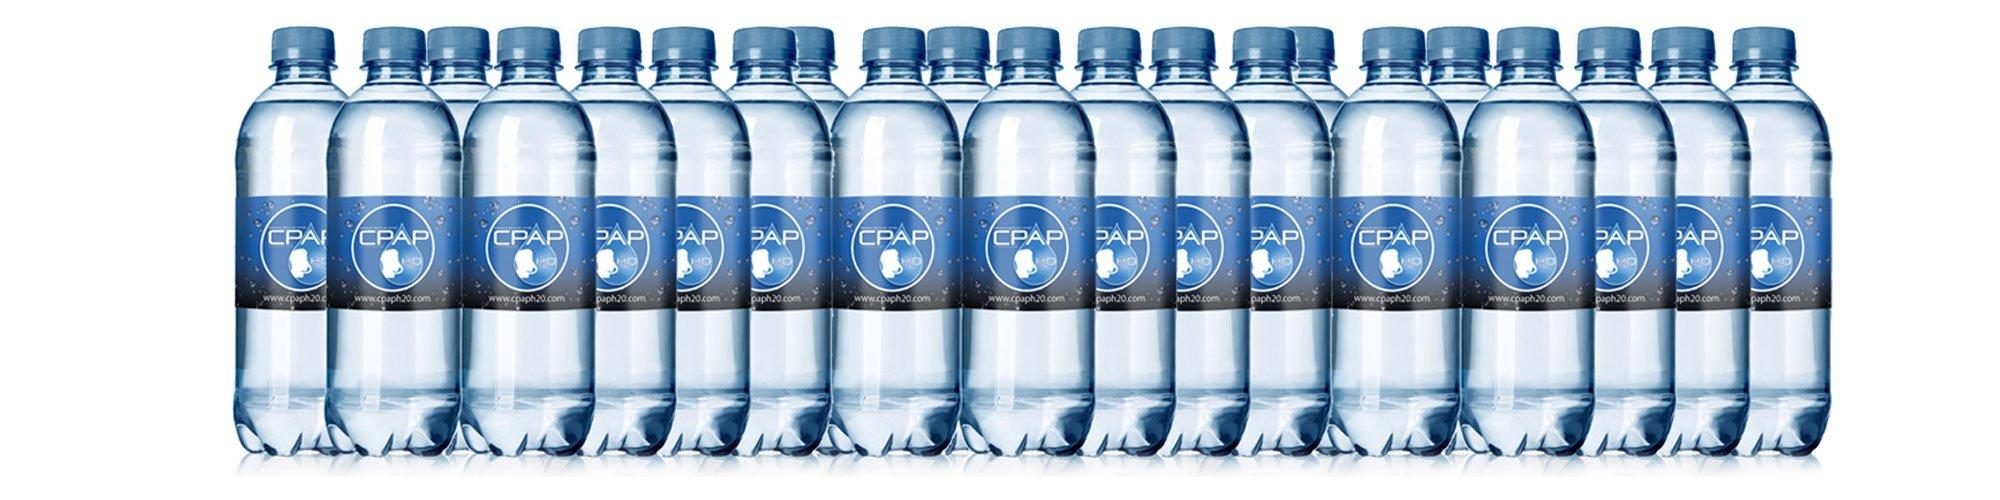 16.9 oz CPAP H20 Premium Distilled Water (24-Bottle Pack) 48 Days Supply …